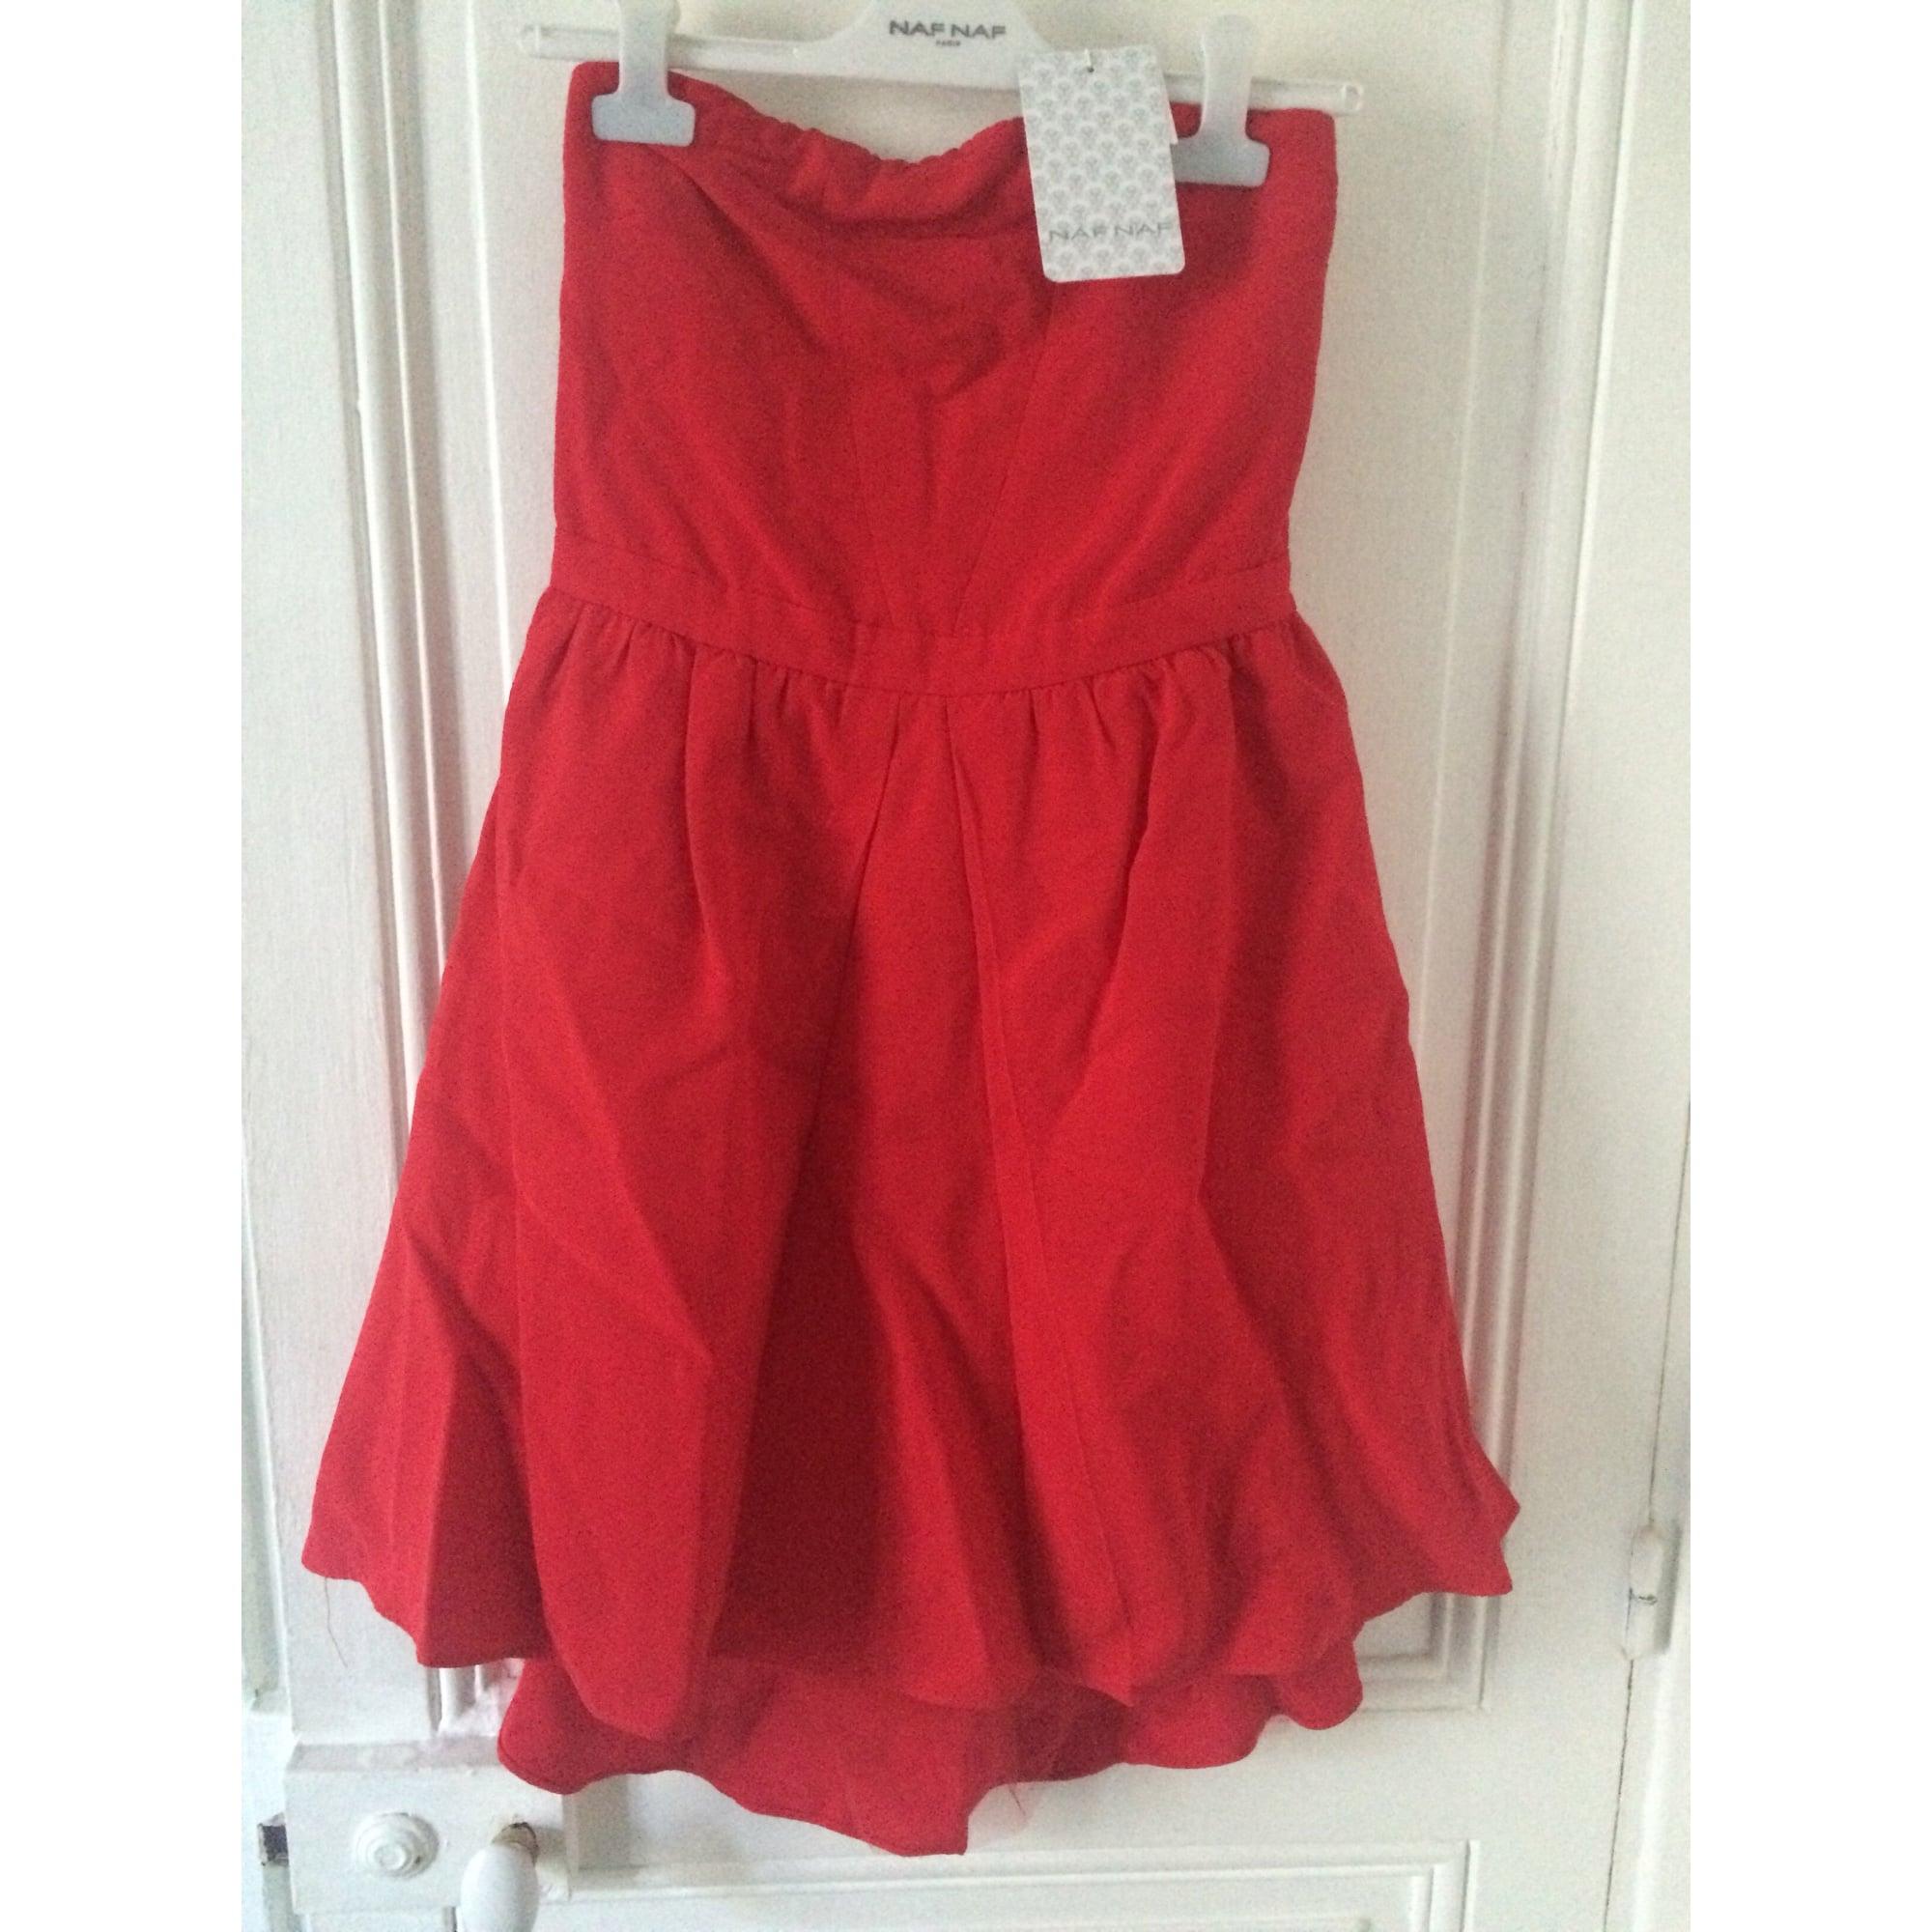 Naf Naf robe asymétrique Rouge 42: : Vêtements